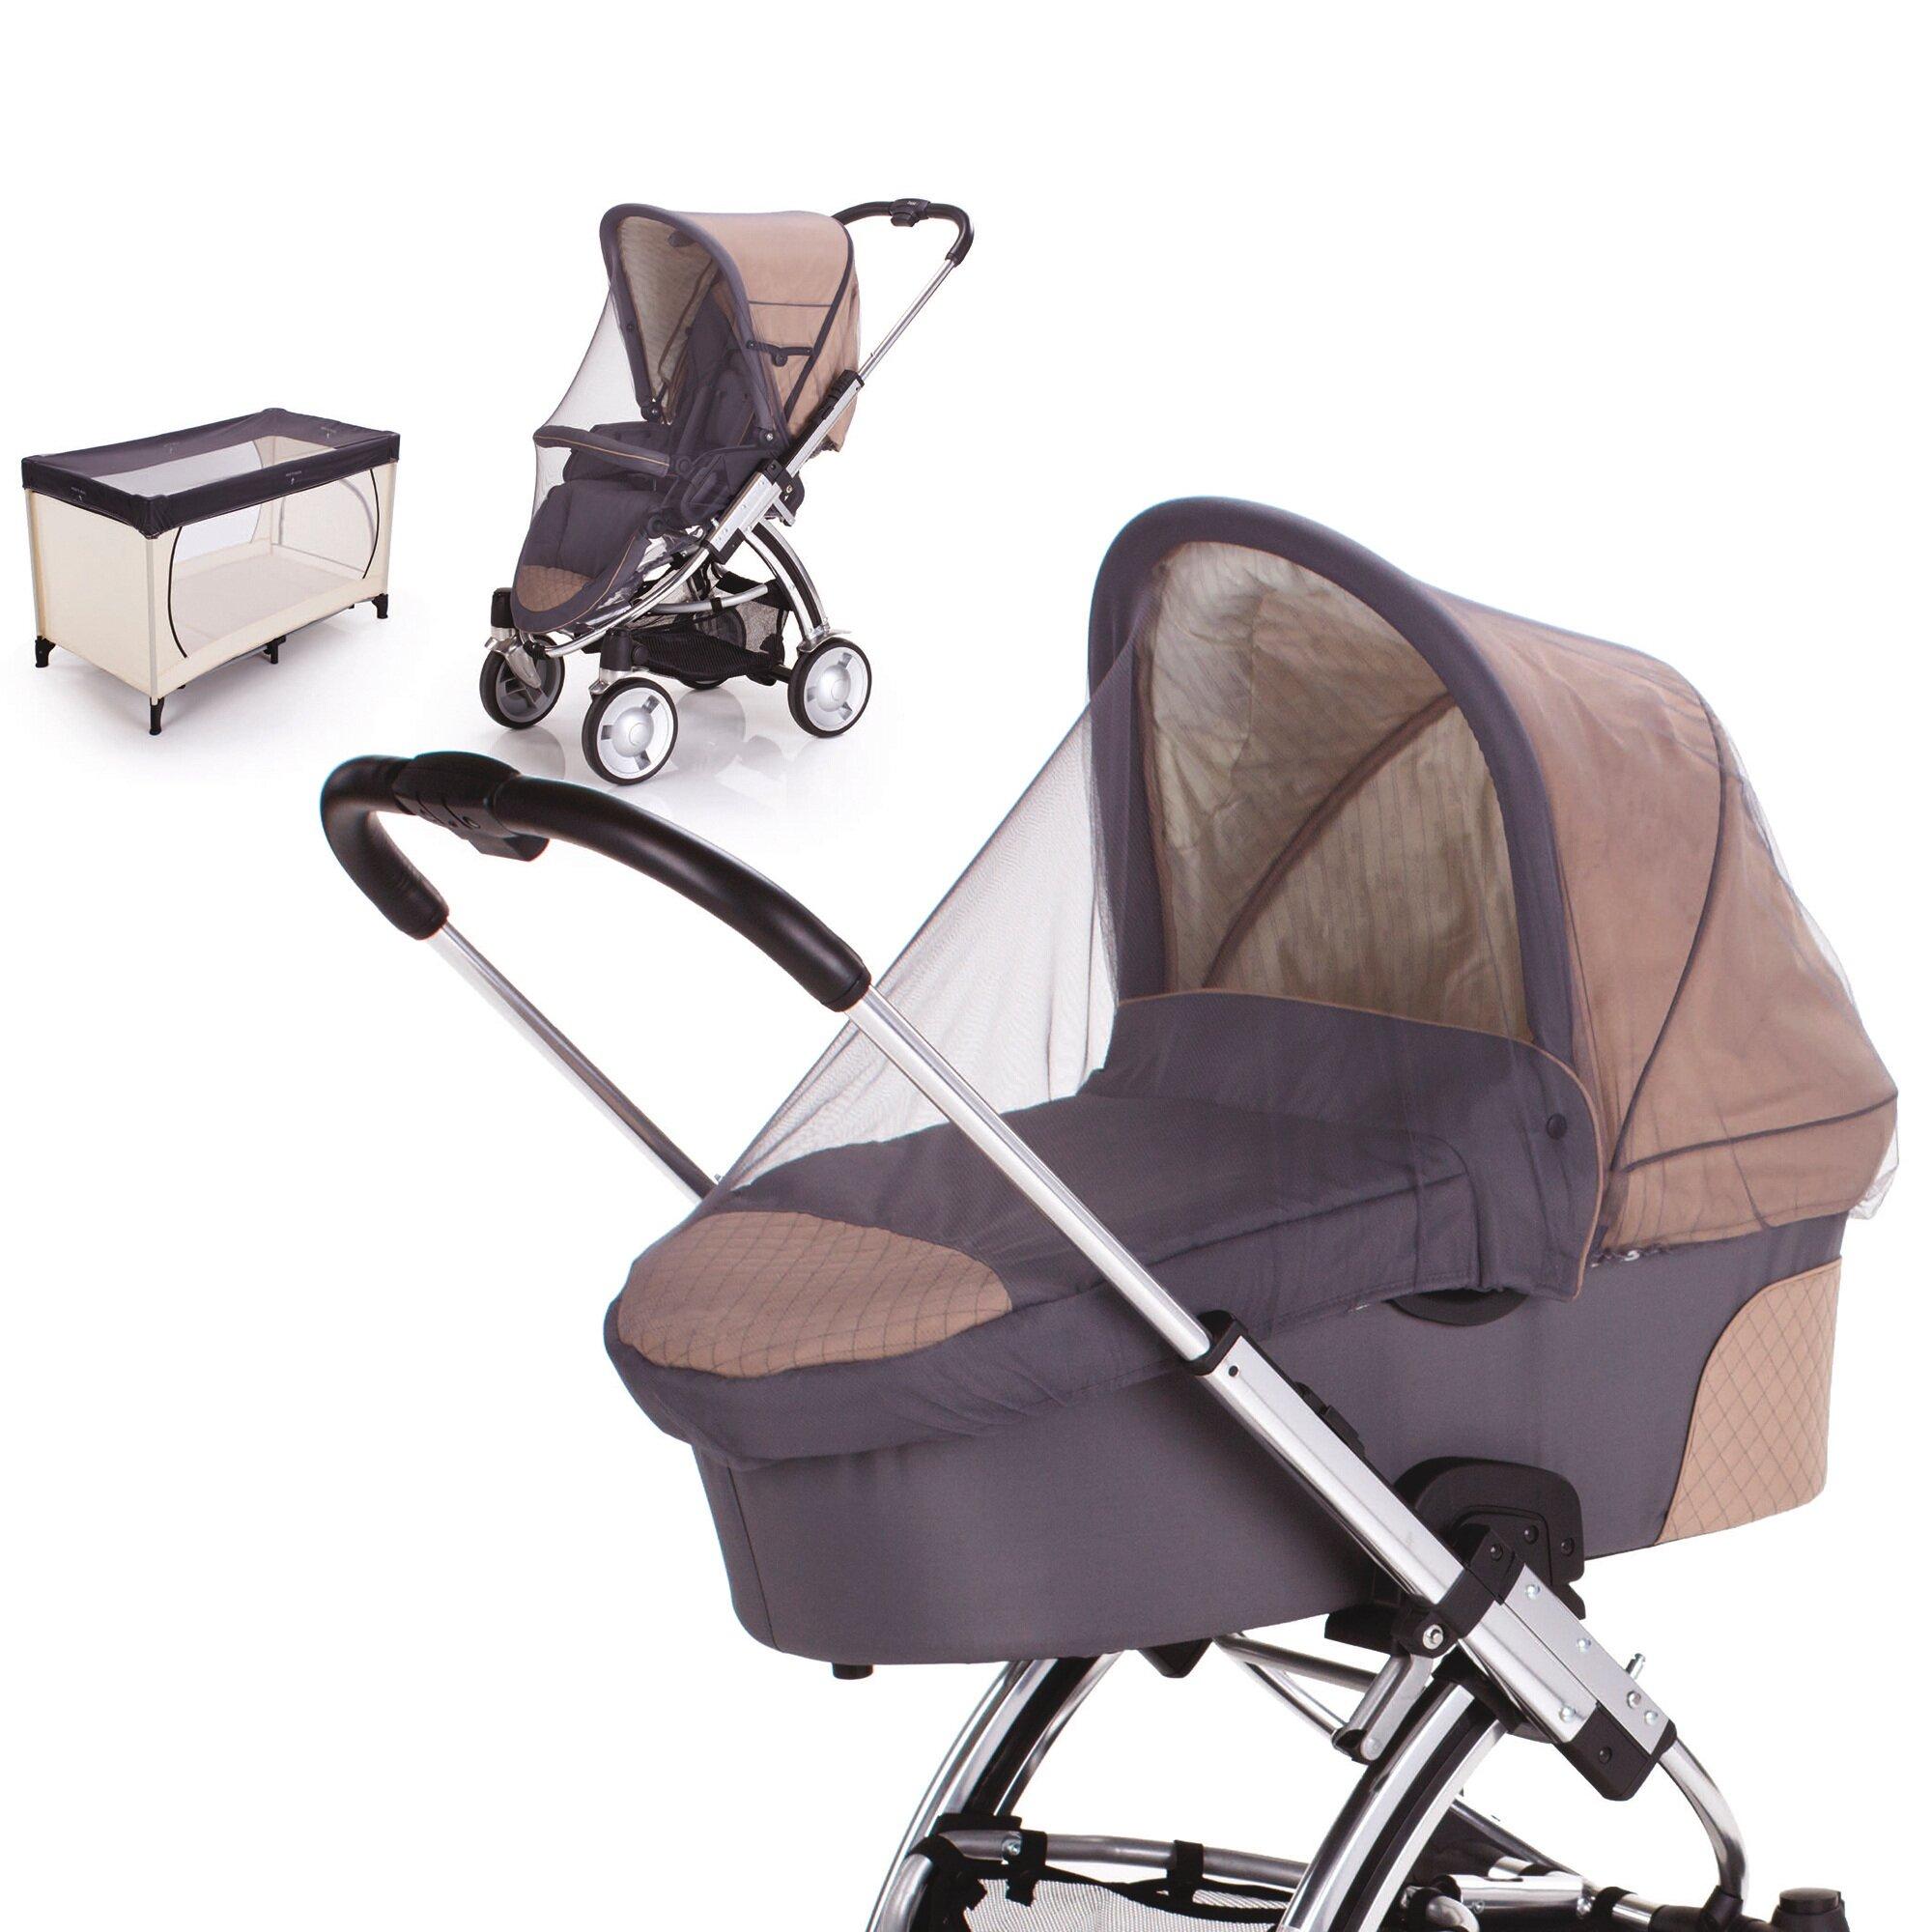 Diago Universal-Insektenschutz für Kinderwagen und Reisebetten